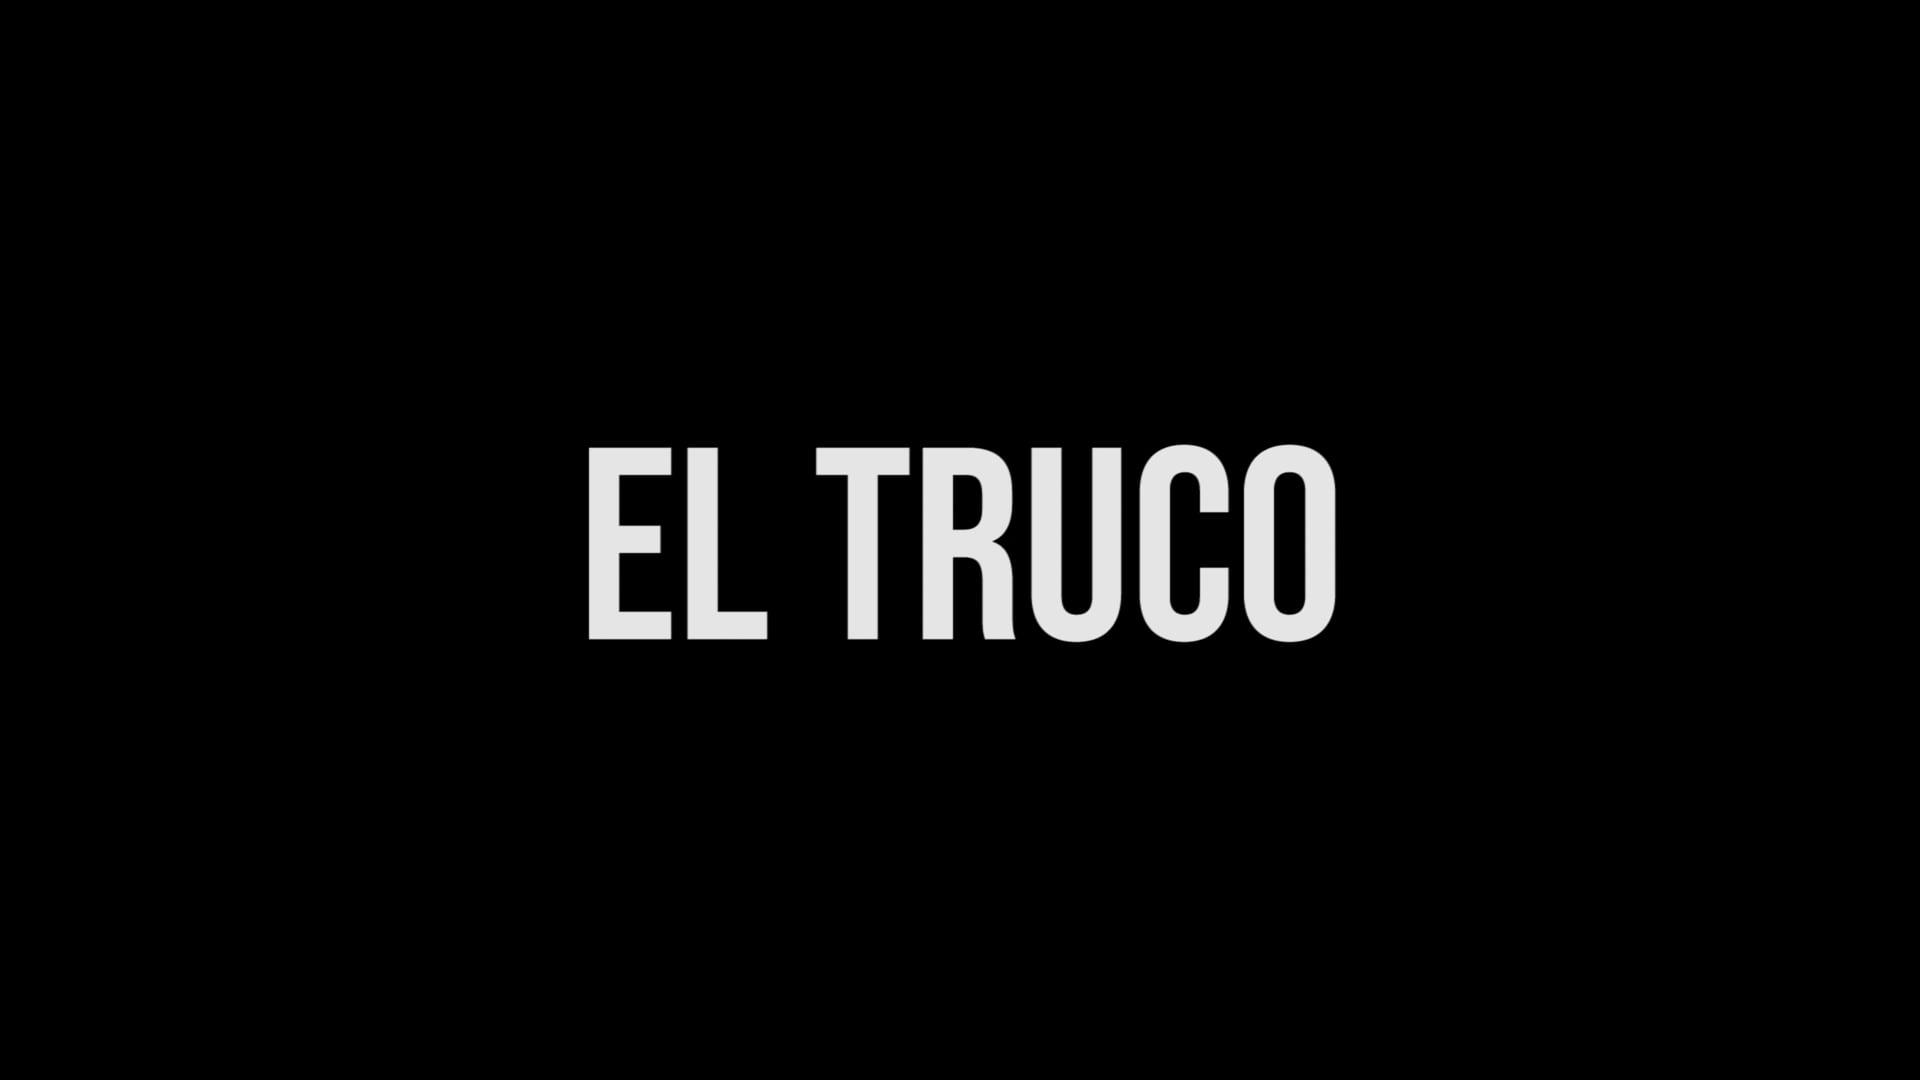 """TRAILER - """"El truco"""" (Gonzalo Ruiz Esteban, 2020) -"""